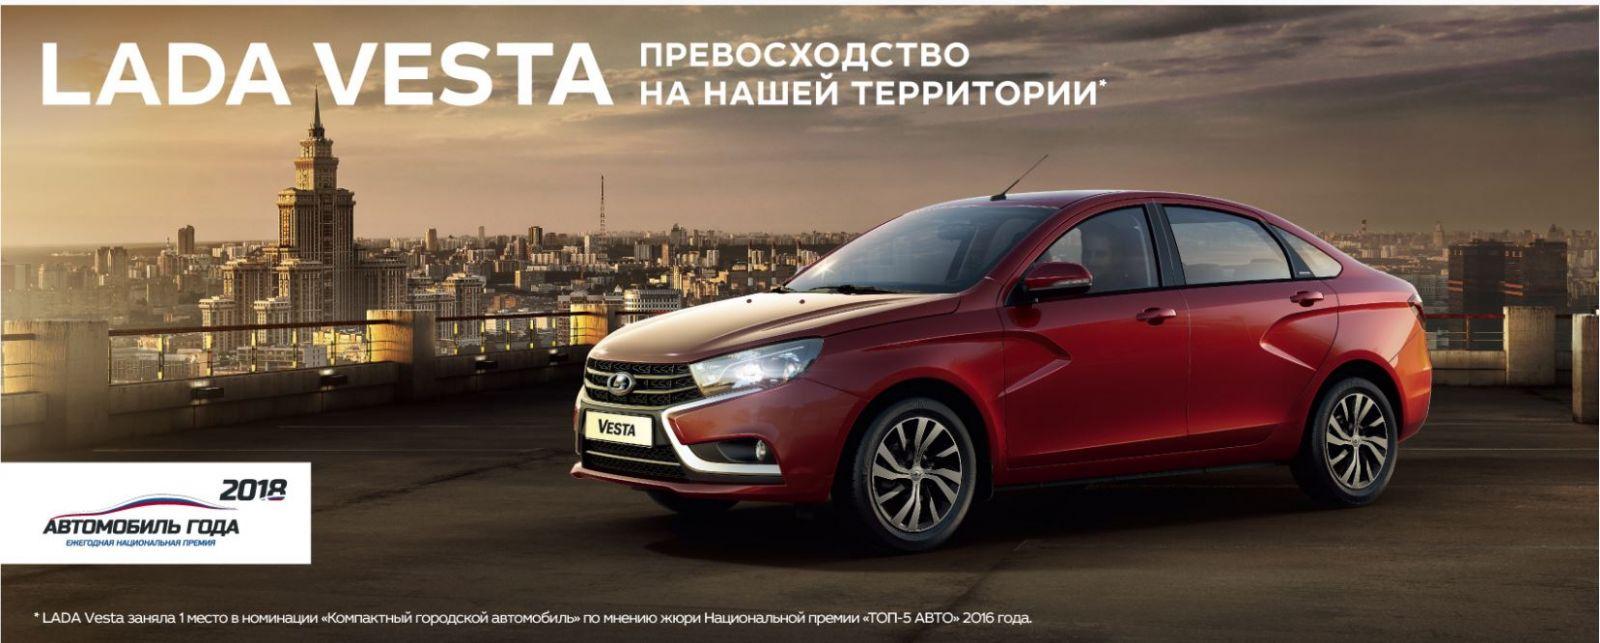 LADA – победитель премии «Автомобиль года 2018» в России